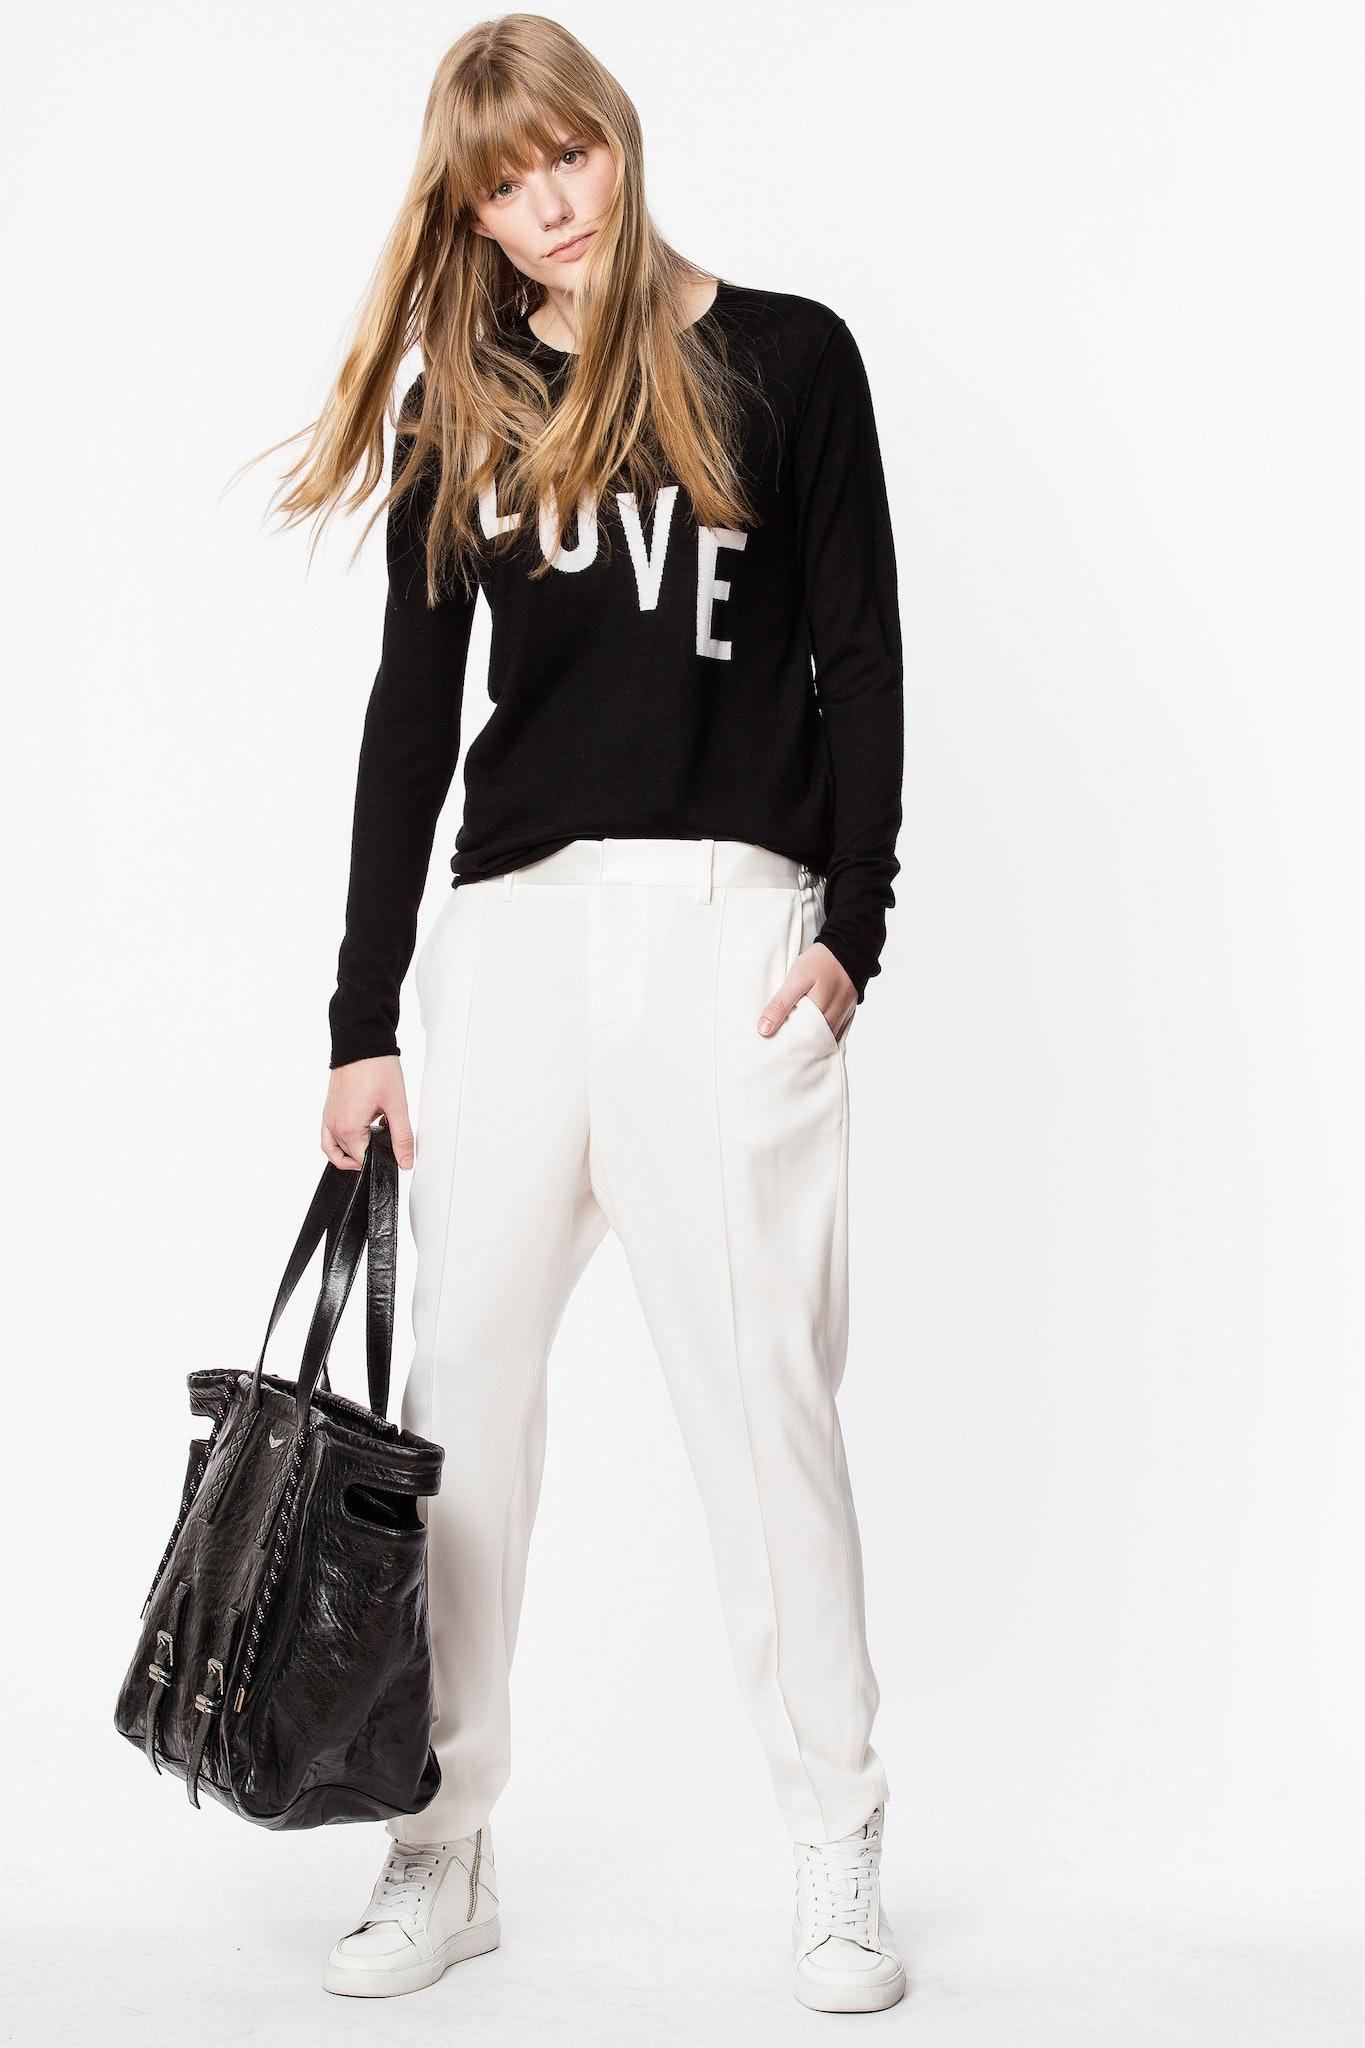 Gwendal Bis Saint Valentin sweater